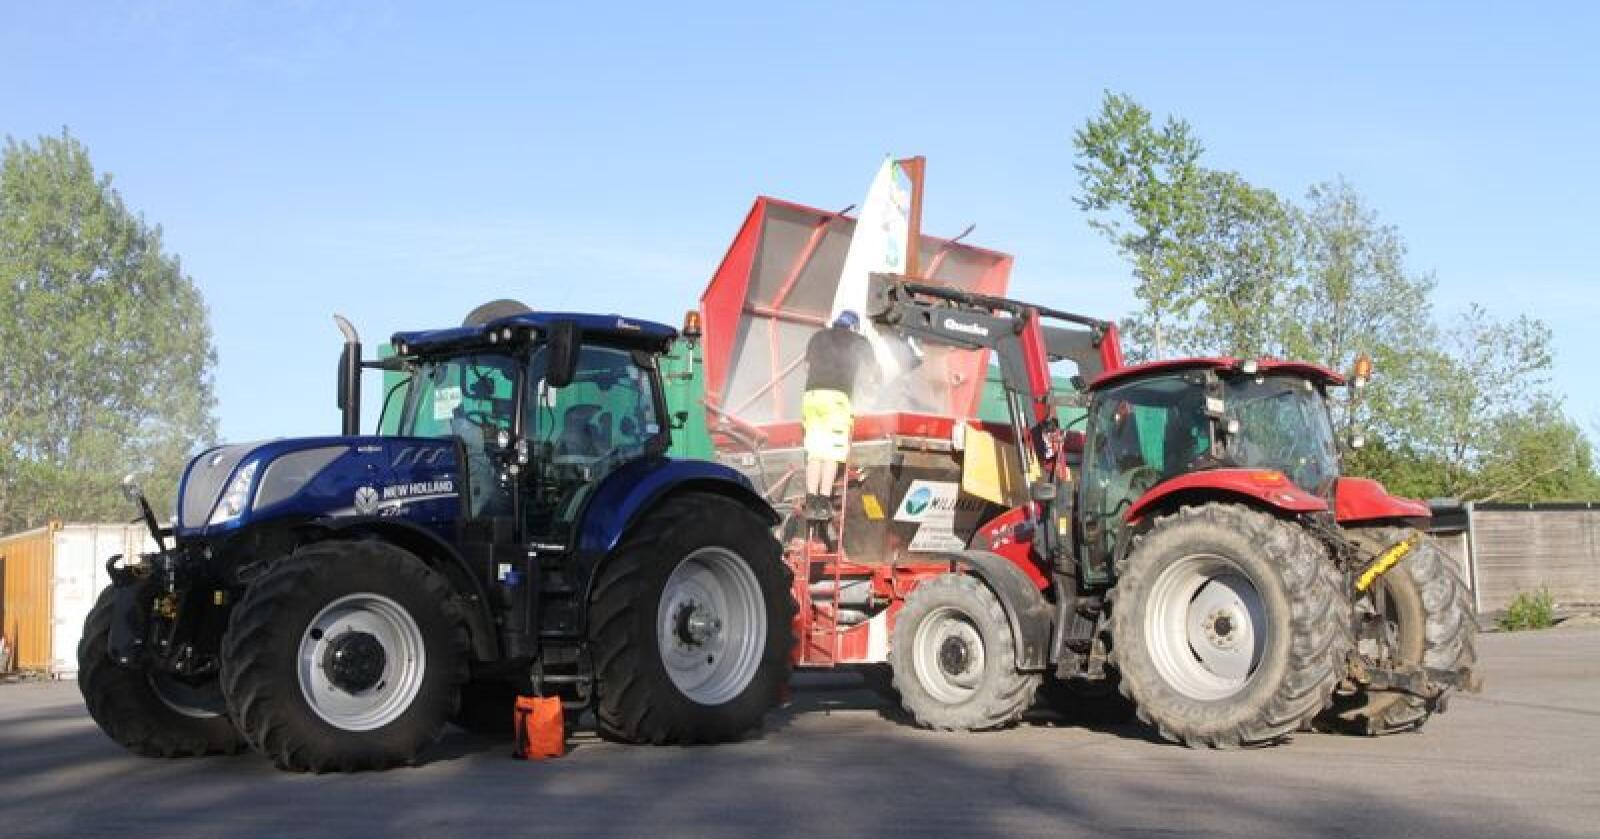 Leier du ut traktoren og deg selv til for eksempel kalking? Da vil vi gjerne hvite hva du tar deg betalt. Prisene publiseres på leiekjøringspriser.no. Arkivfoto: Trond Martin Wiersholm